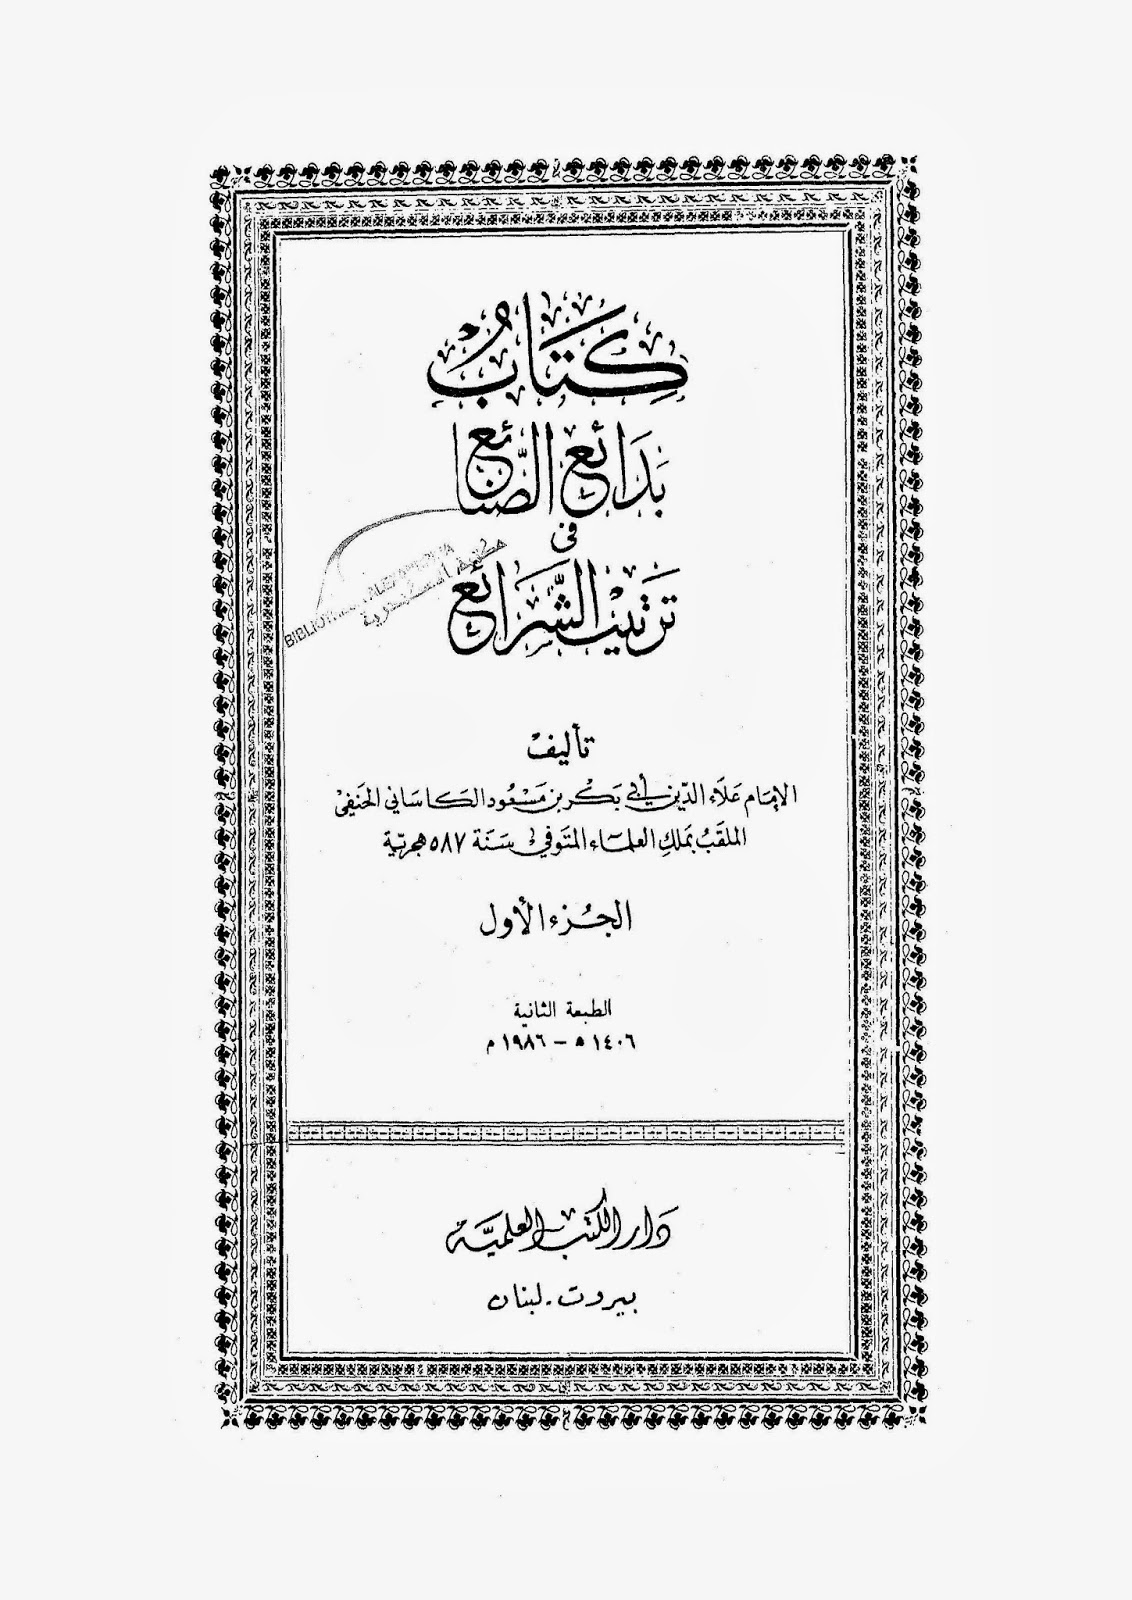 كتاب بدائع الصنائع في ترتيب الشرائع - للكاساني الحنفي ( ط. دار الكتب العلمية ) pdf